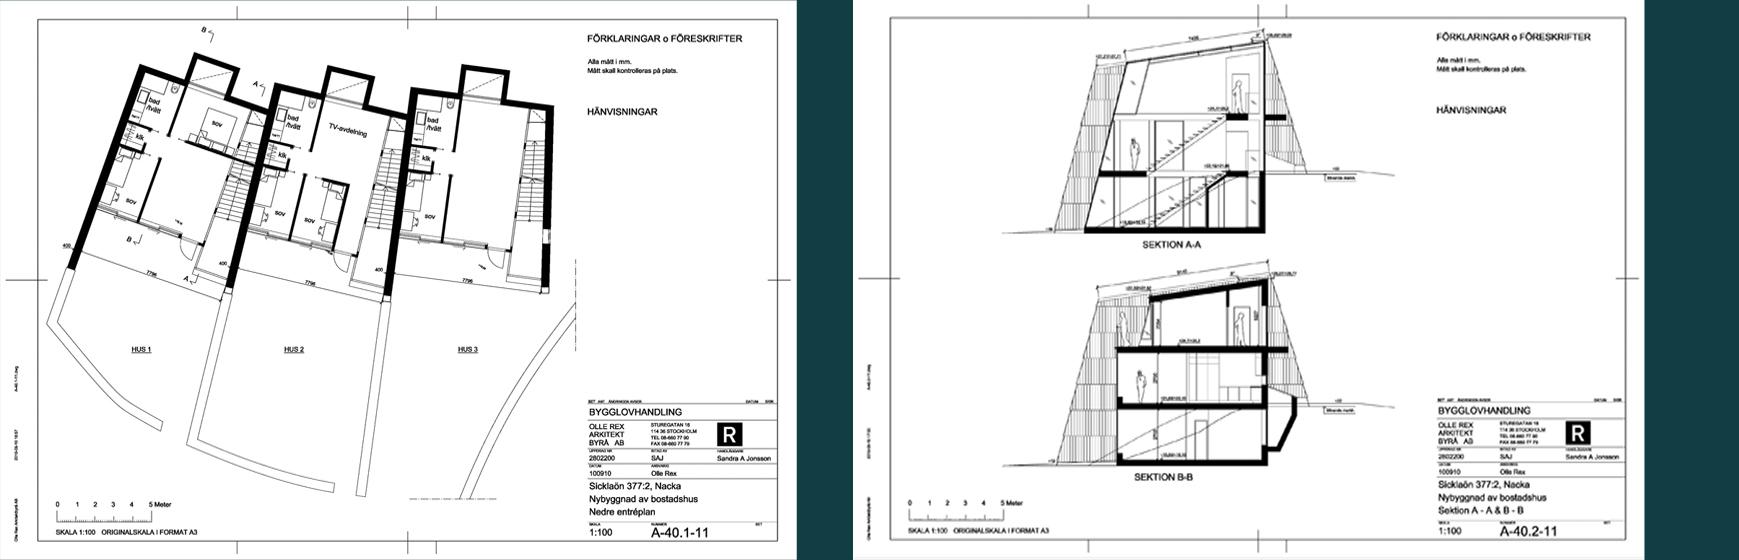 Rex Arkitektbyrå etapper i projekt. Andra etappen är bygglov